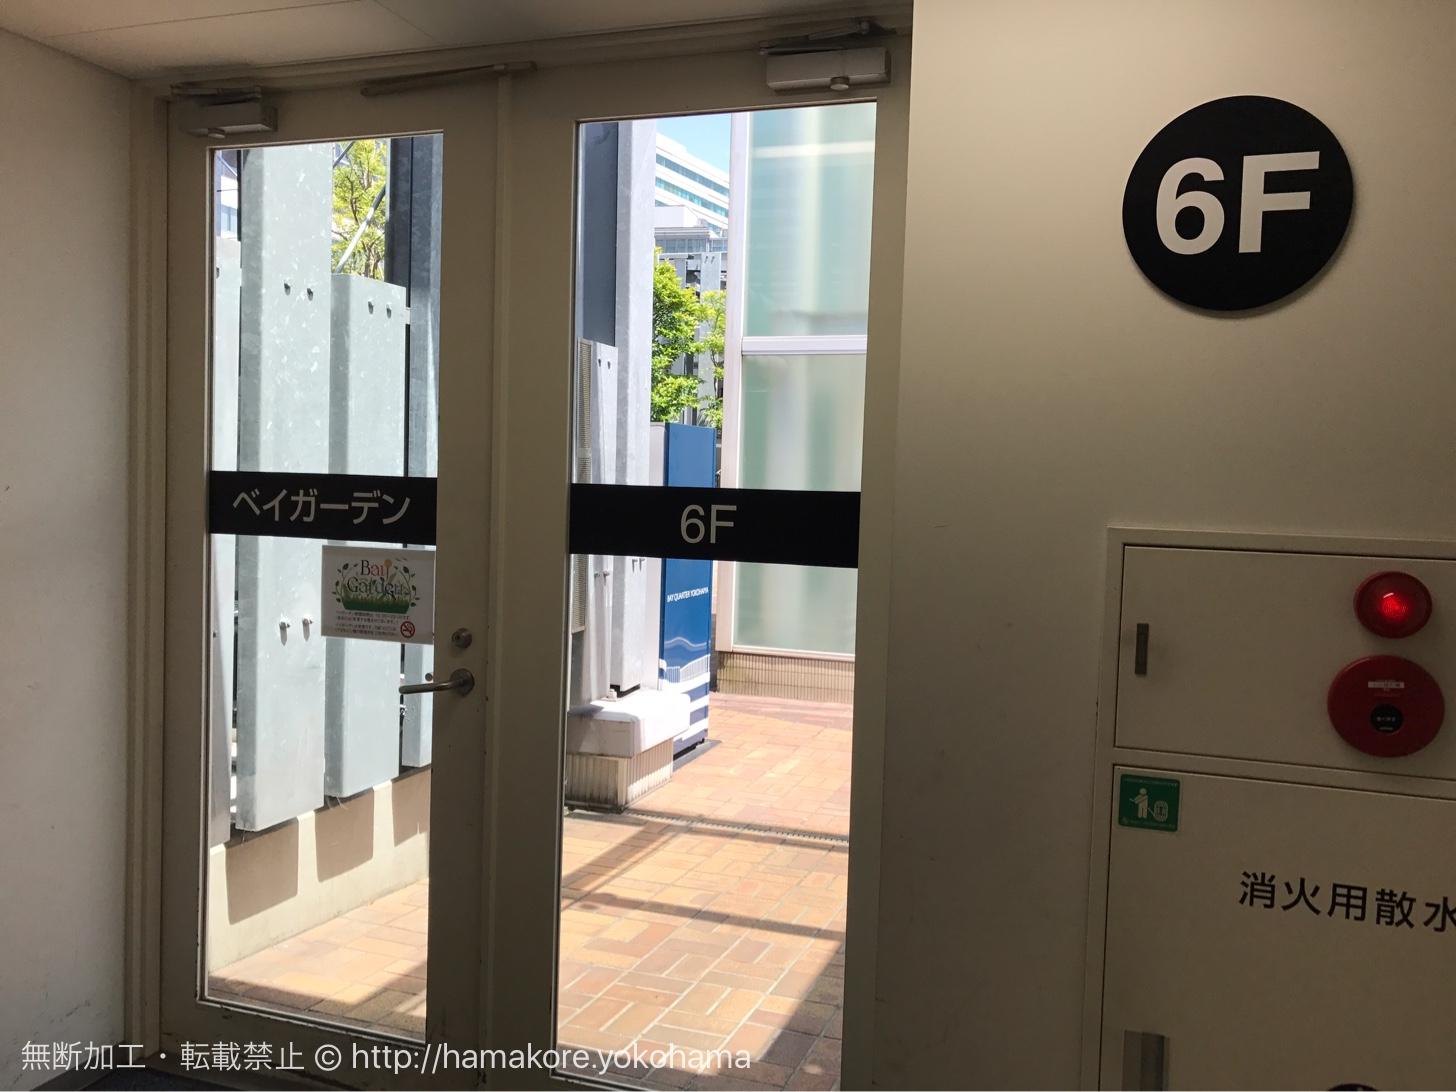 横浜ベイクォーター ベイガーデン 入り口